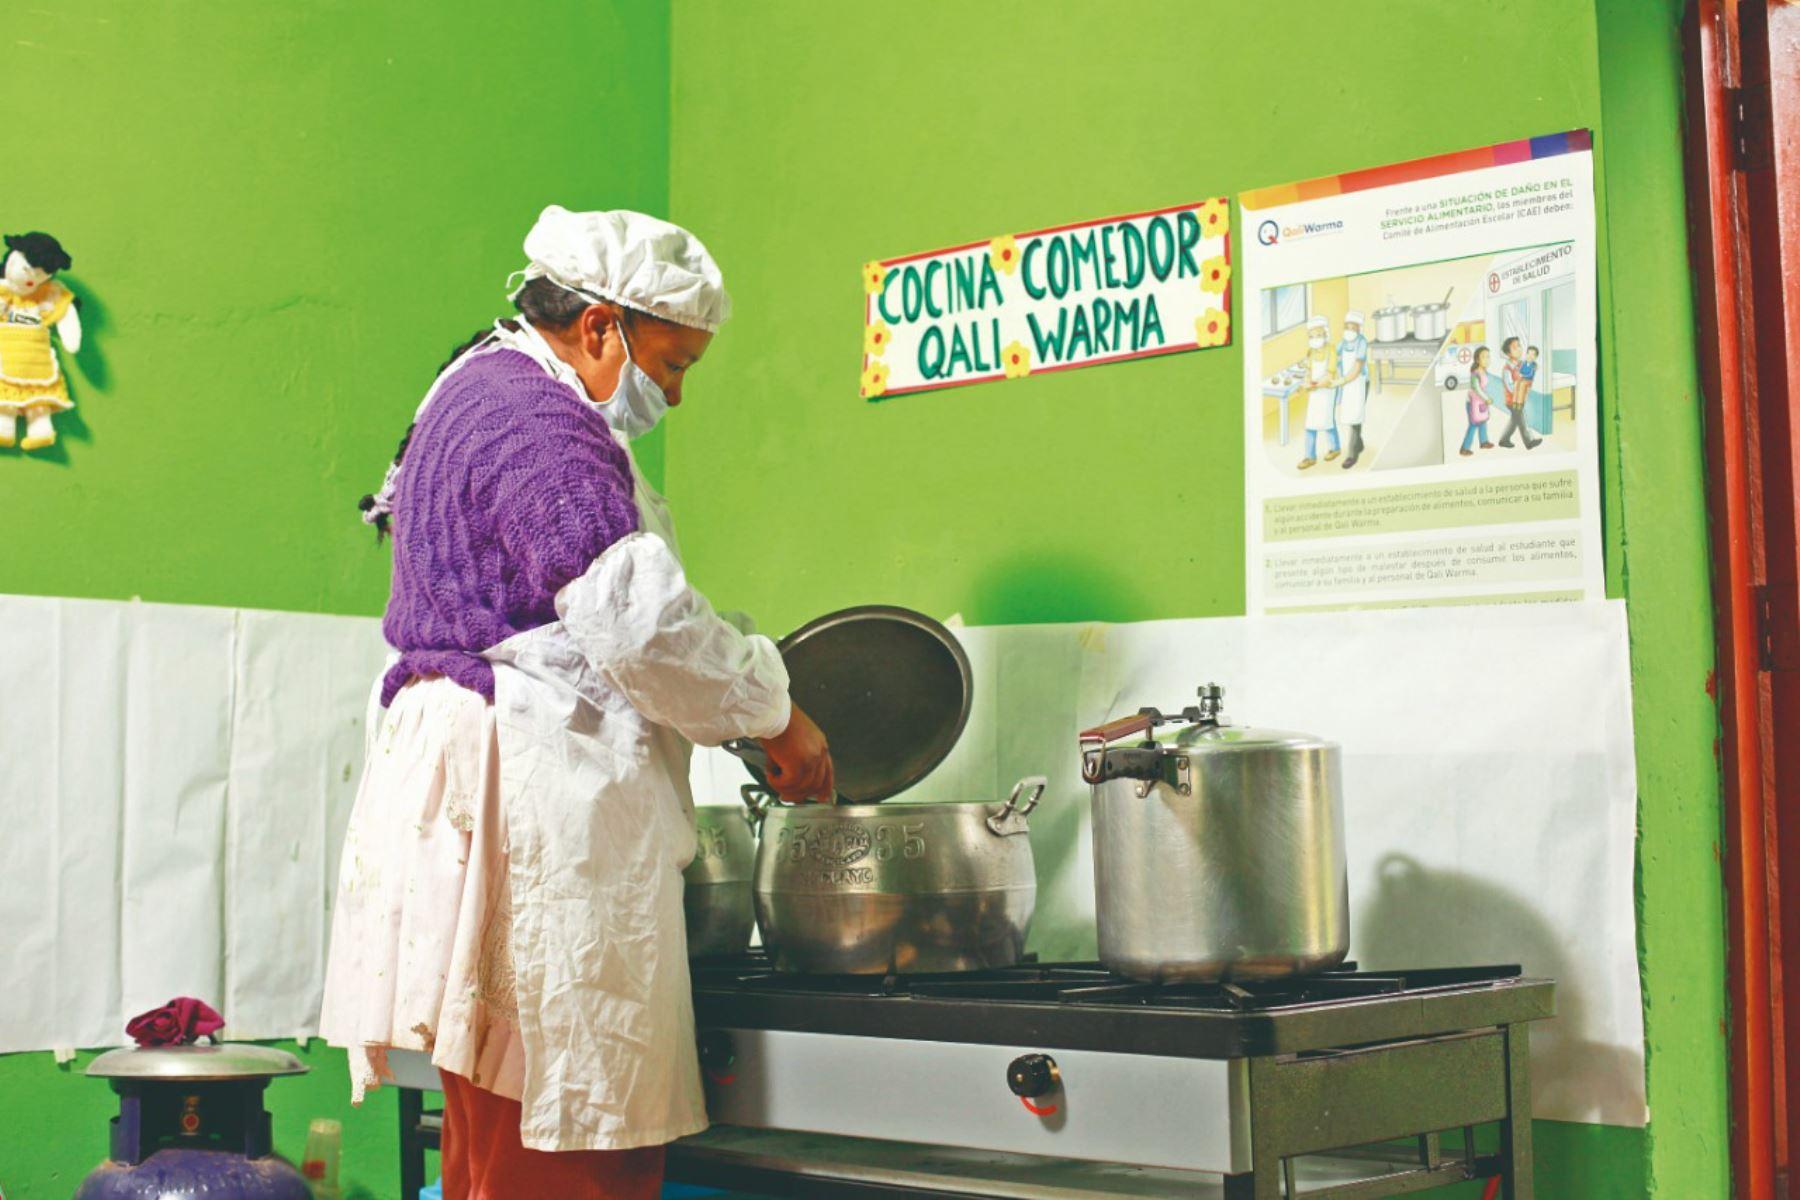 Midis adquirirá 369 cocinas semiindustriales a gas para equipar 282 instituciones educativas con Jornada Escolar Completa.